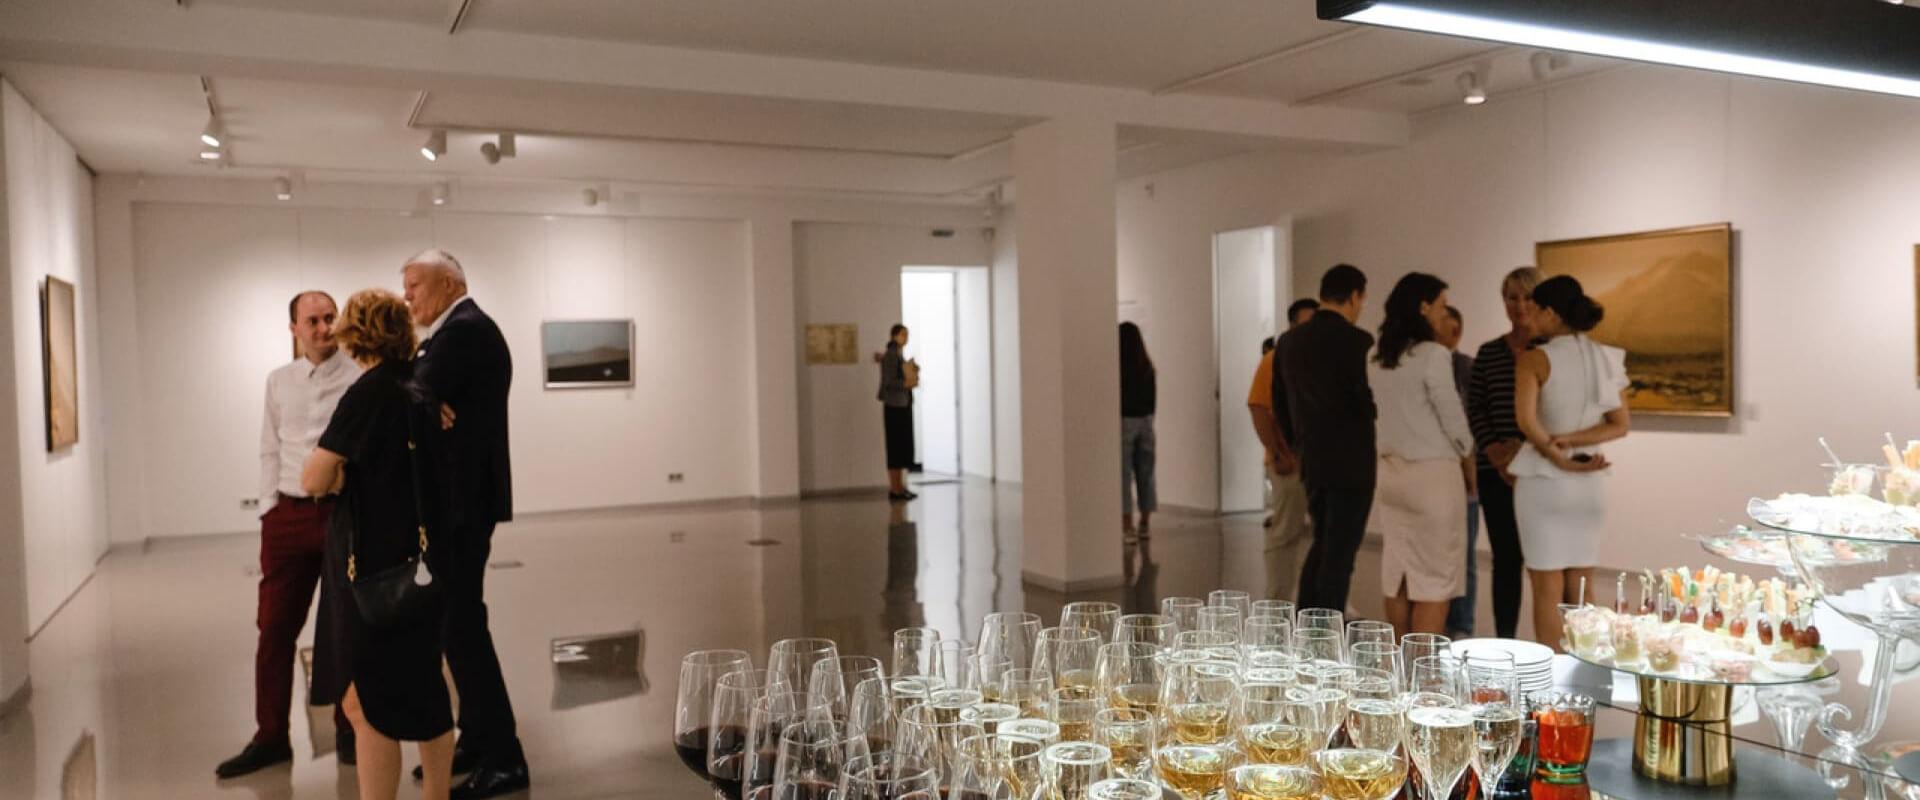 Ural Vision Gallery. Куда сходить в Екатеринбурге